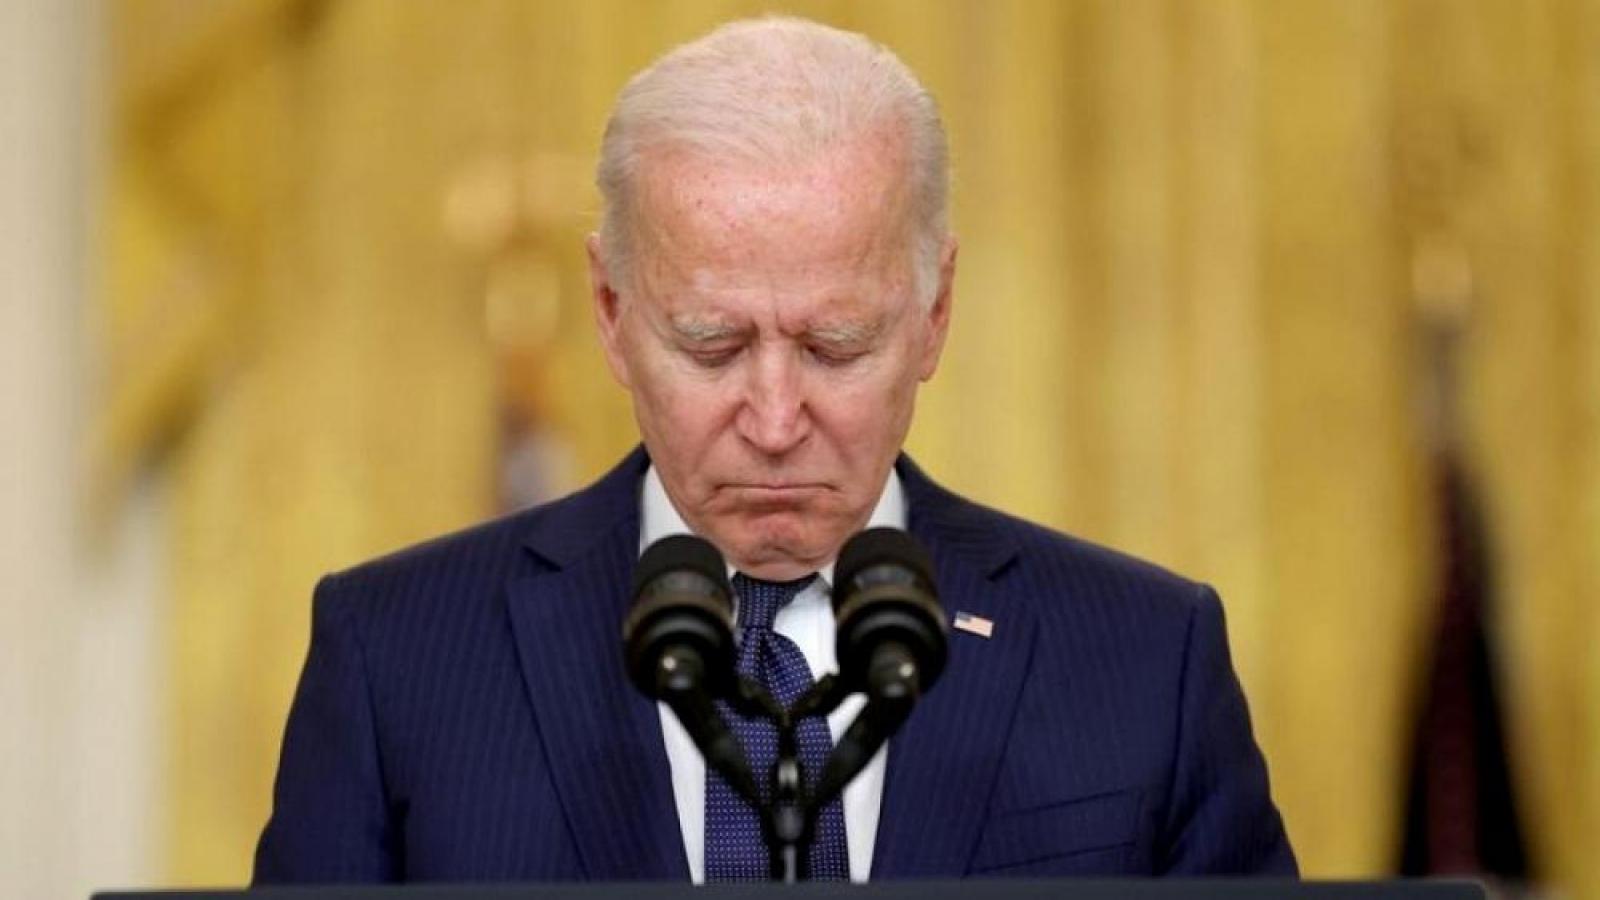 Ván bài tất tay của Tổng thống Biden ở Afghanistan và lựa chọn cuối cùng